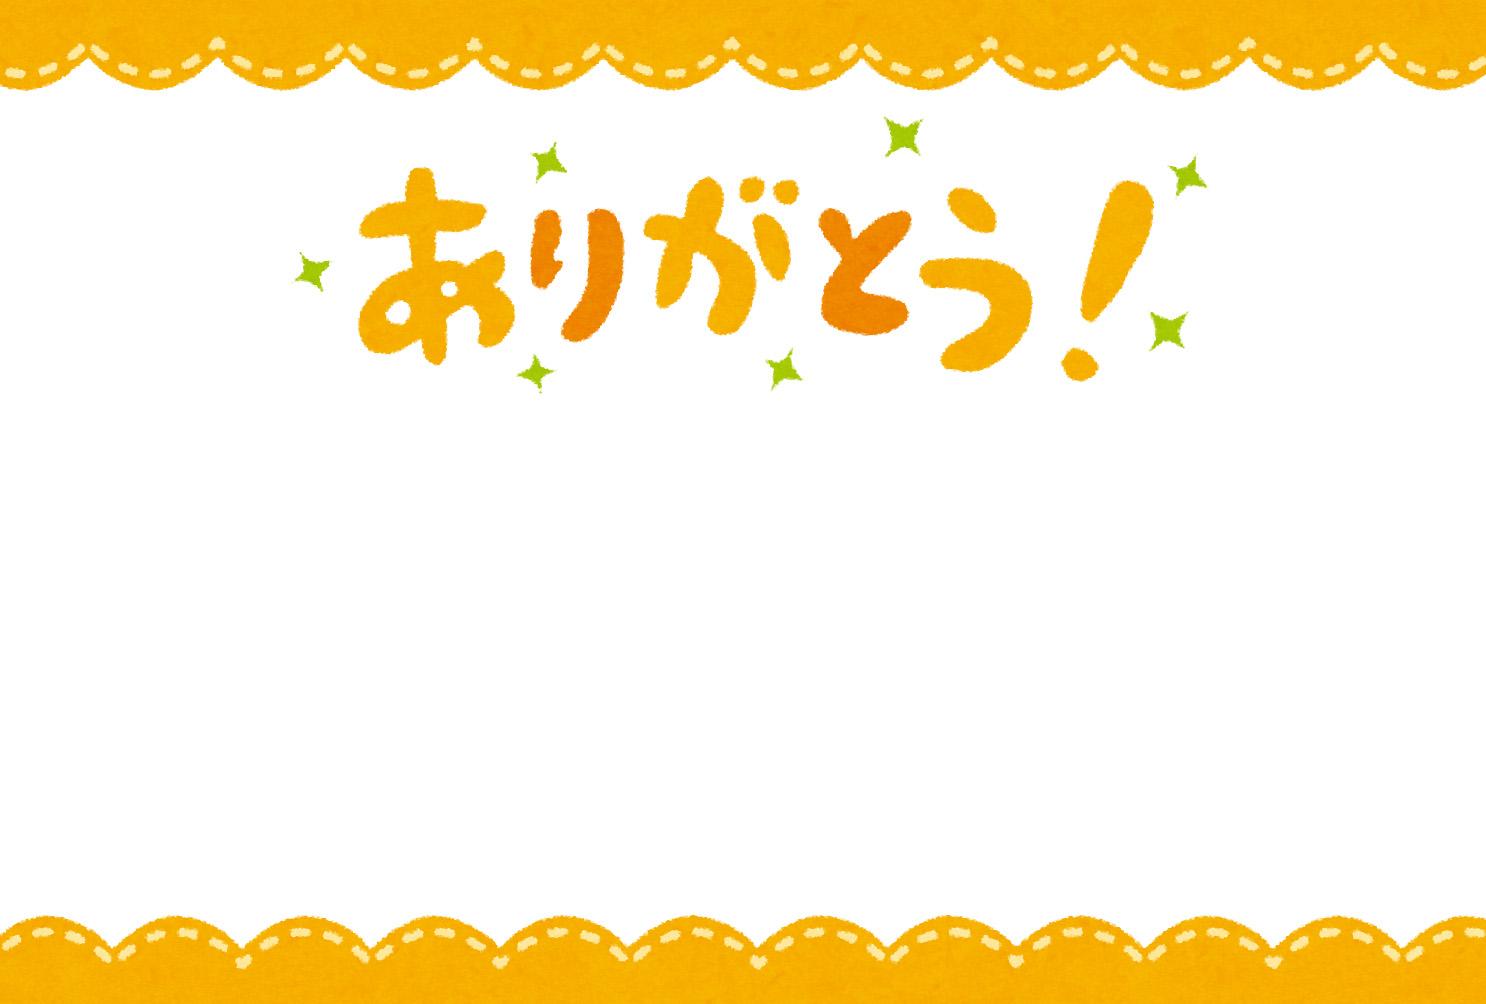 メッセージカードのテンプレート「ありがとう」 | かわいいフリー素材集